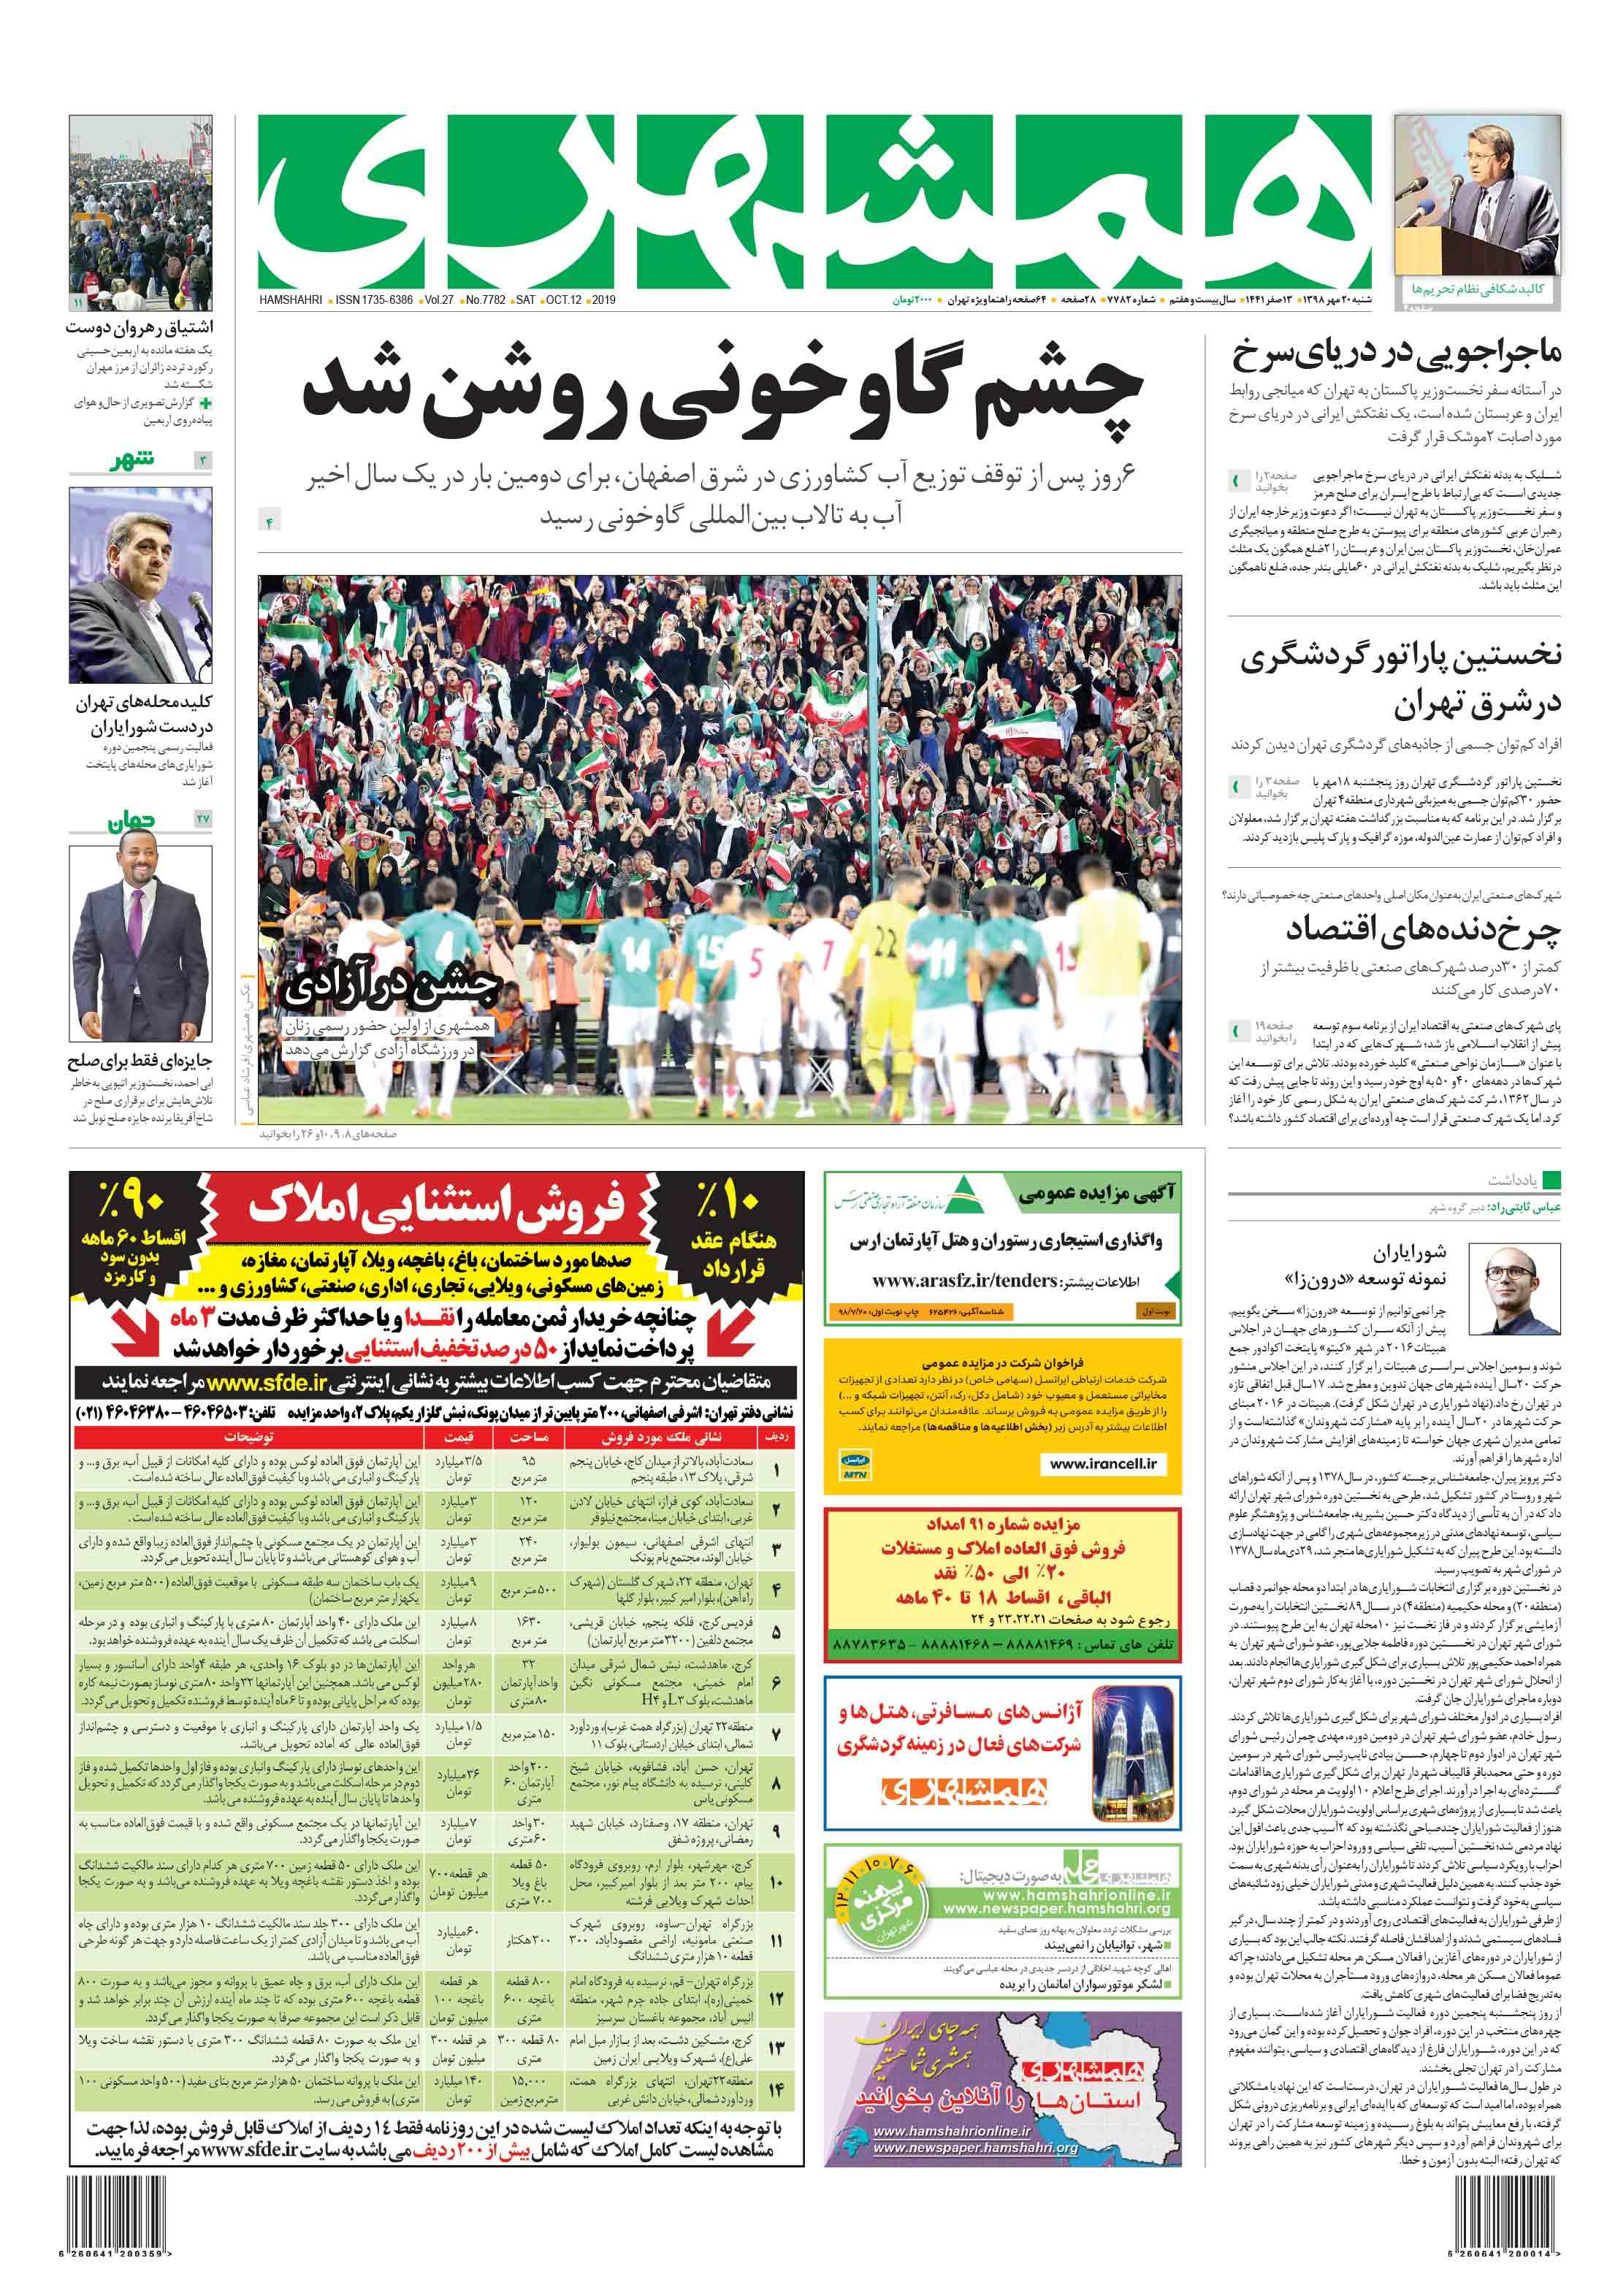 صفحه اول شنبه 20 مهر 1398